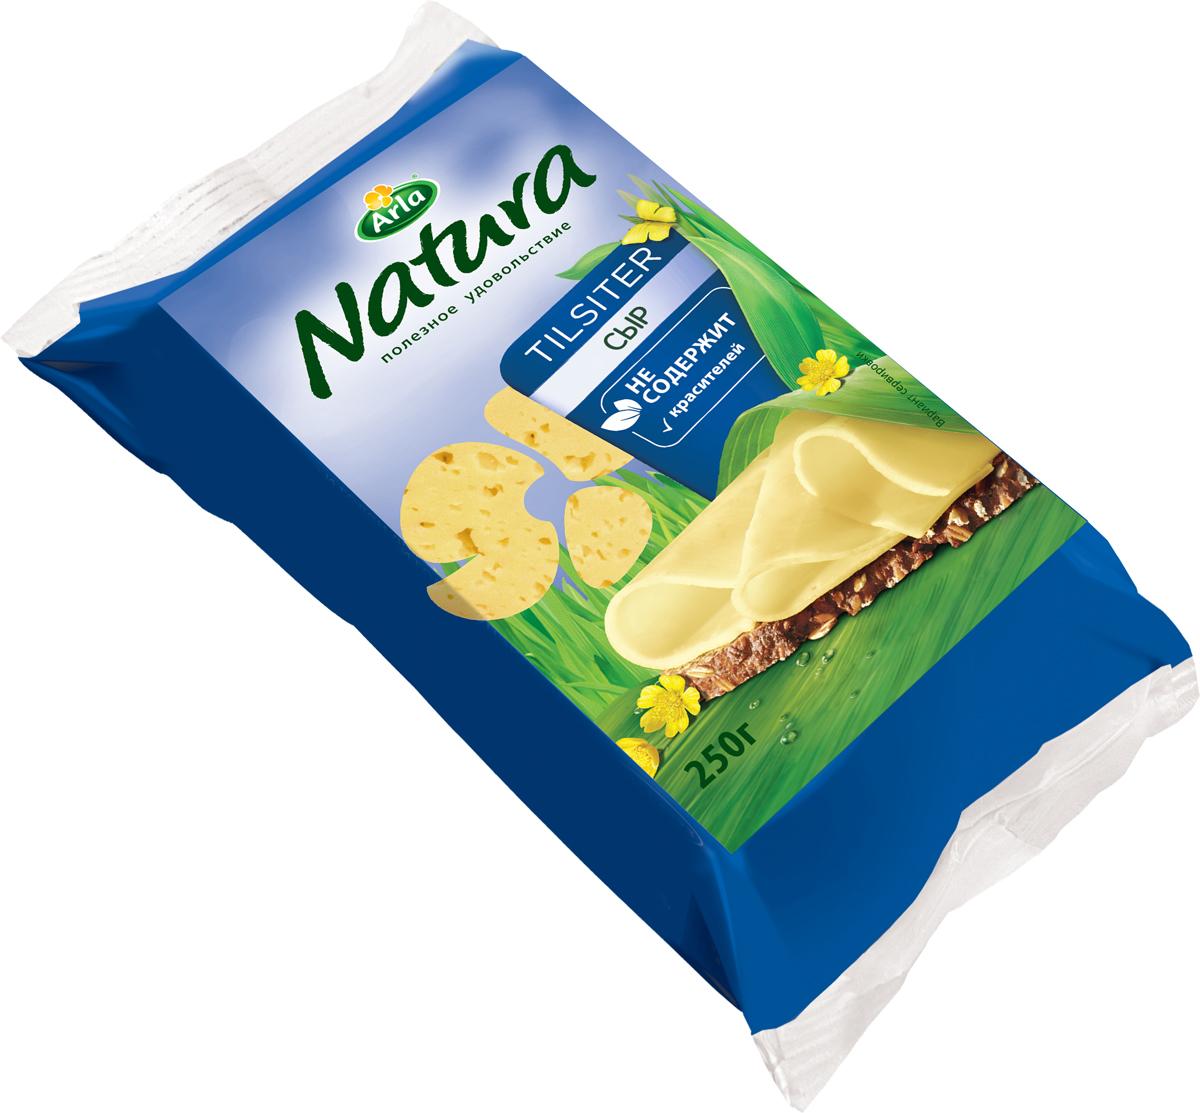 Arla Natura Сыр Тильзитер, 45%, 250 г53598Arla Natura тильзитер изготовлен из натурального коровьего молока и не содержит красителей. Имеет умеренно твердую текстуру с неровными дырочками. Победитель программы Контрольная закупка.